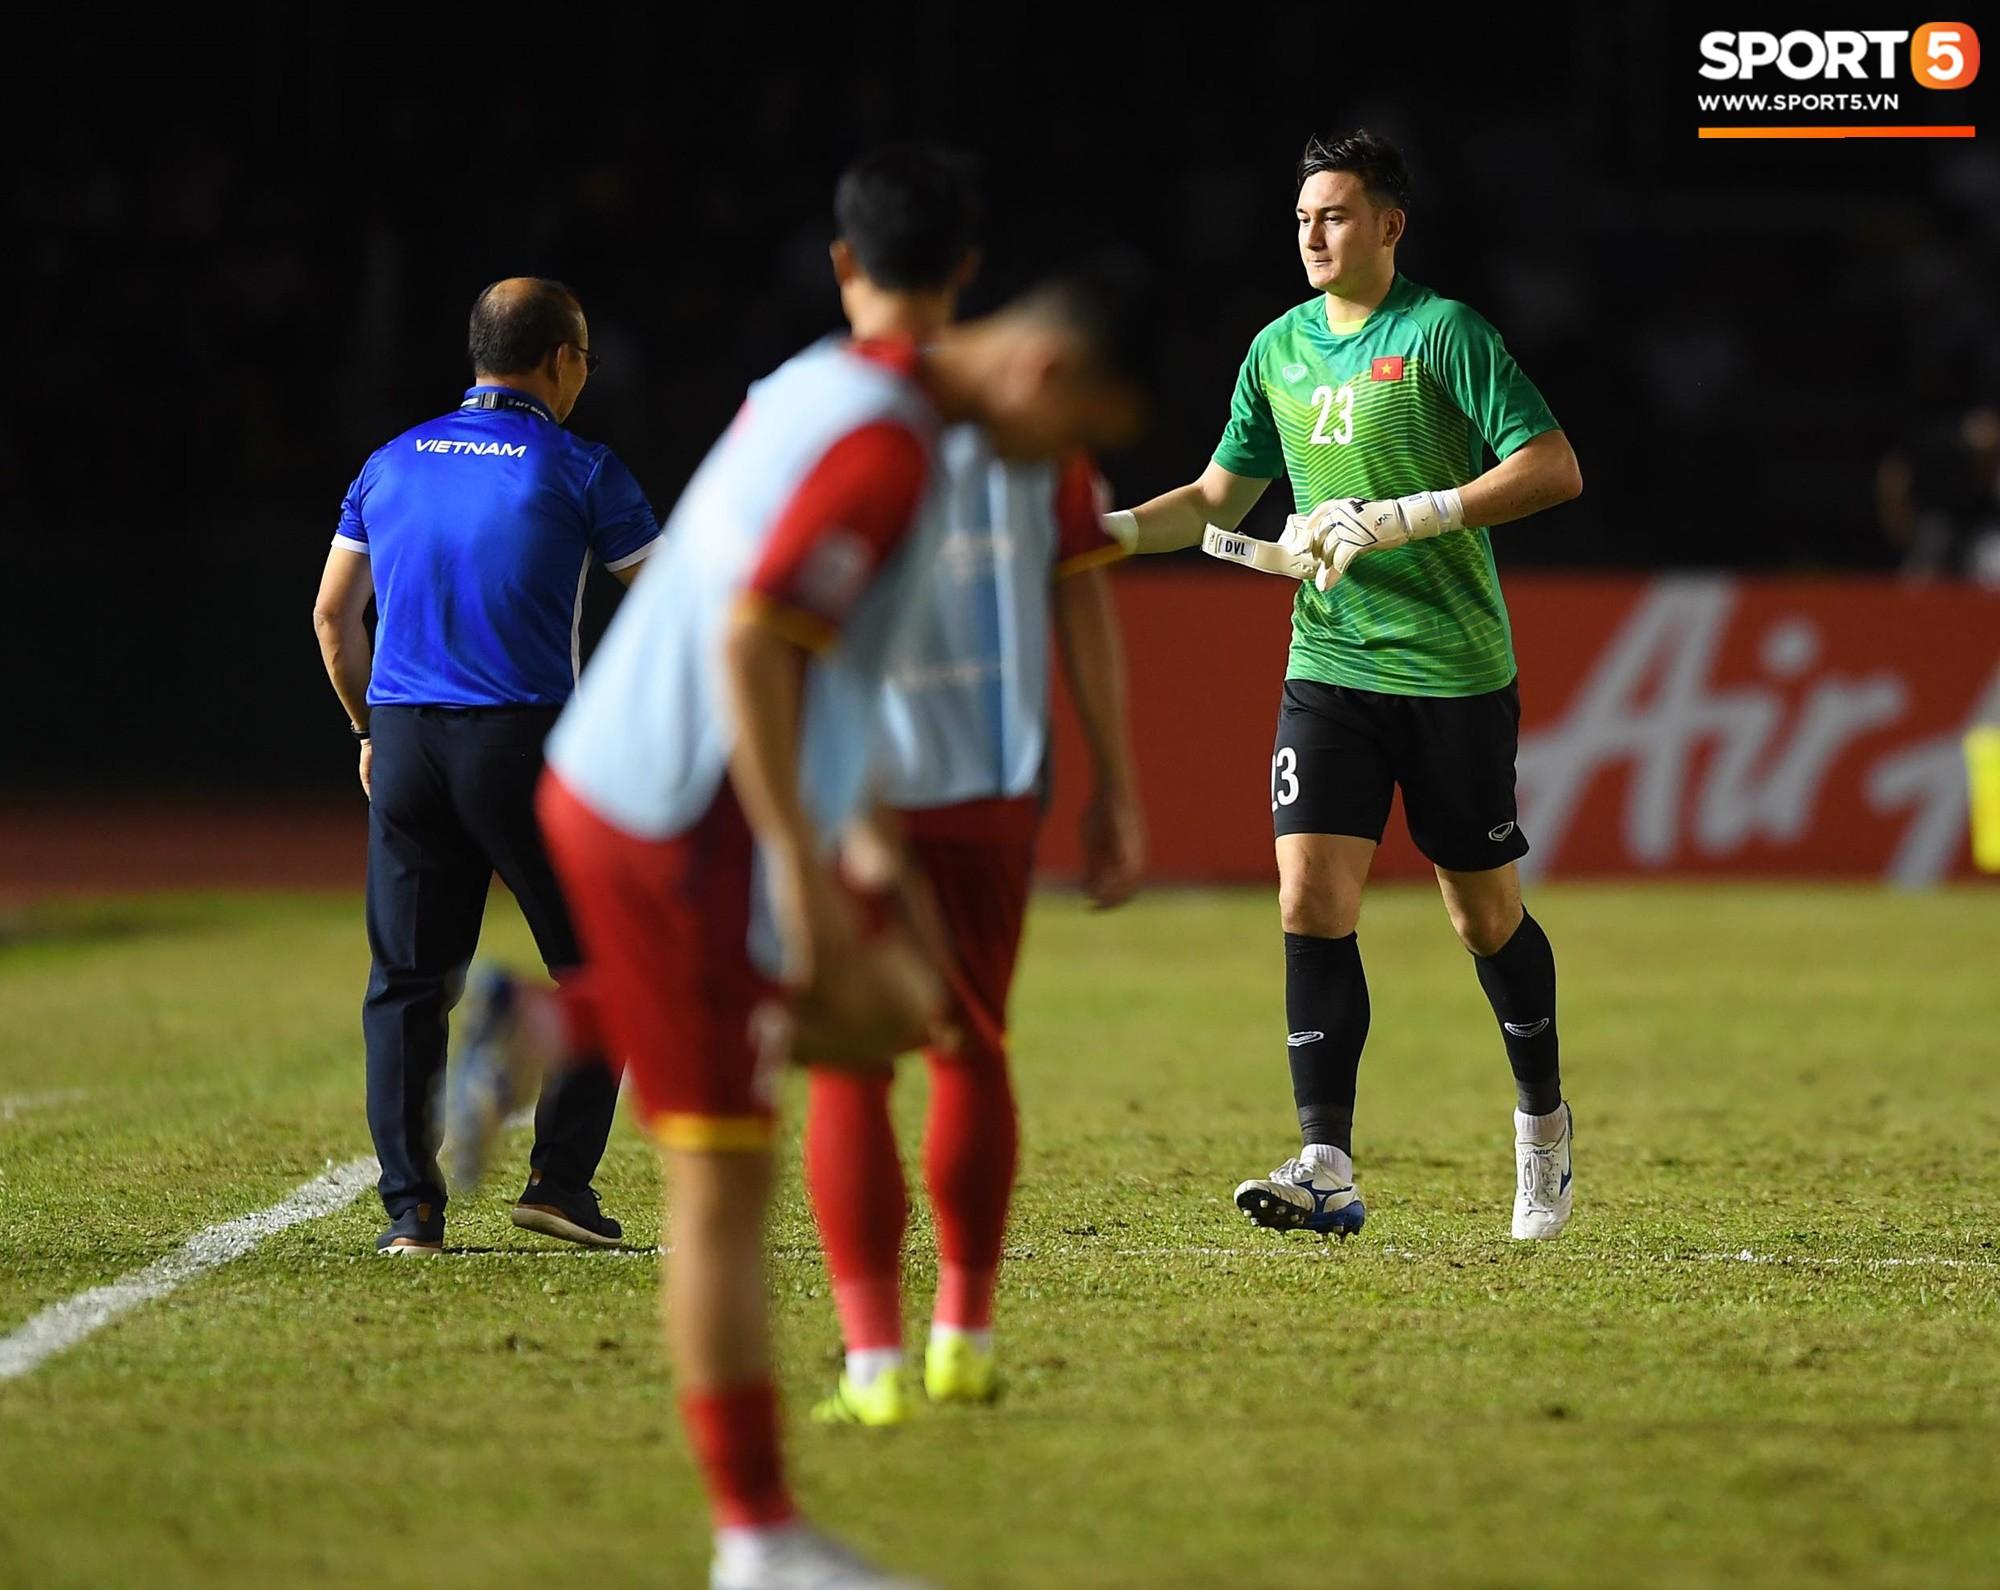 Văn Lâm và hàng thủ Việt Nam thi đấu rất chắc chắn tại AFF Cup 2018.